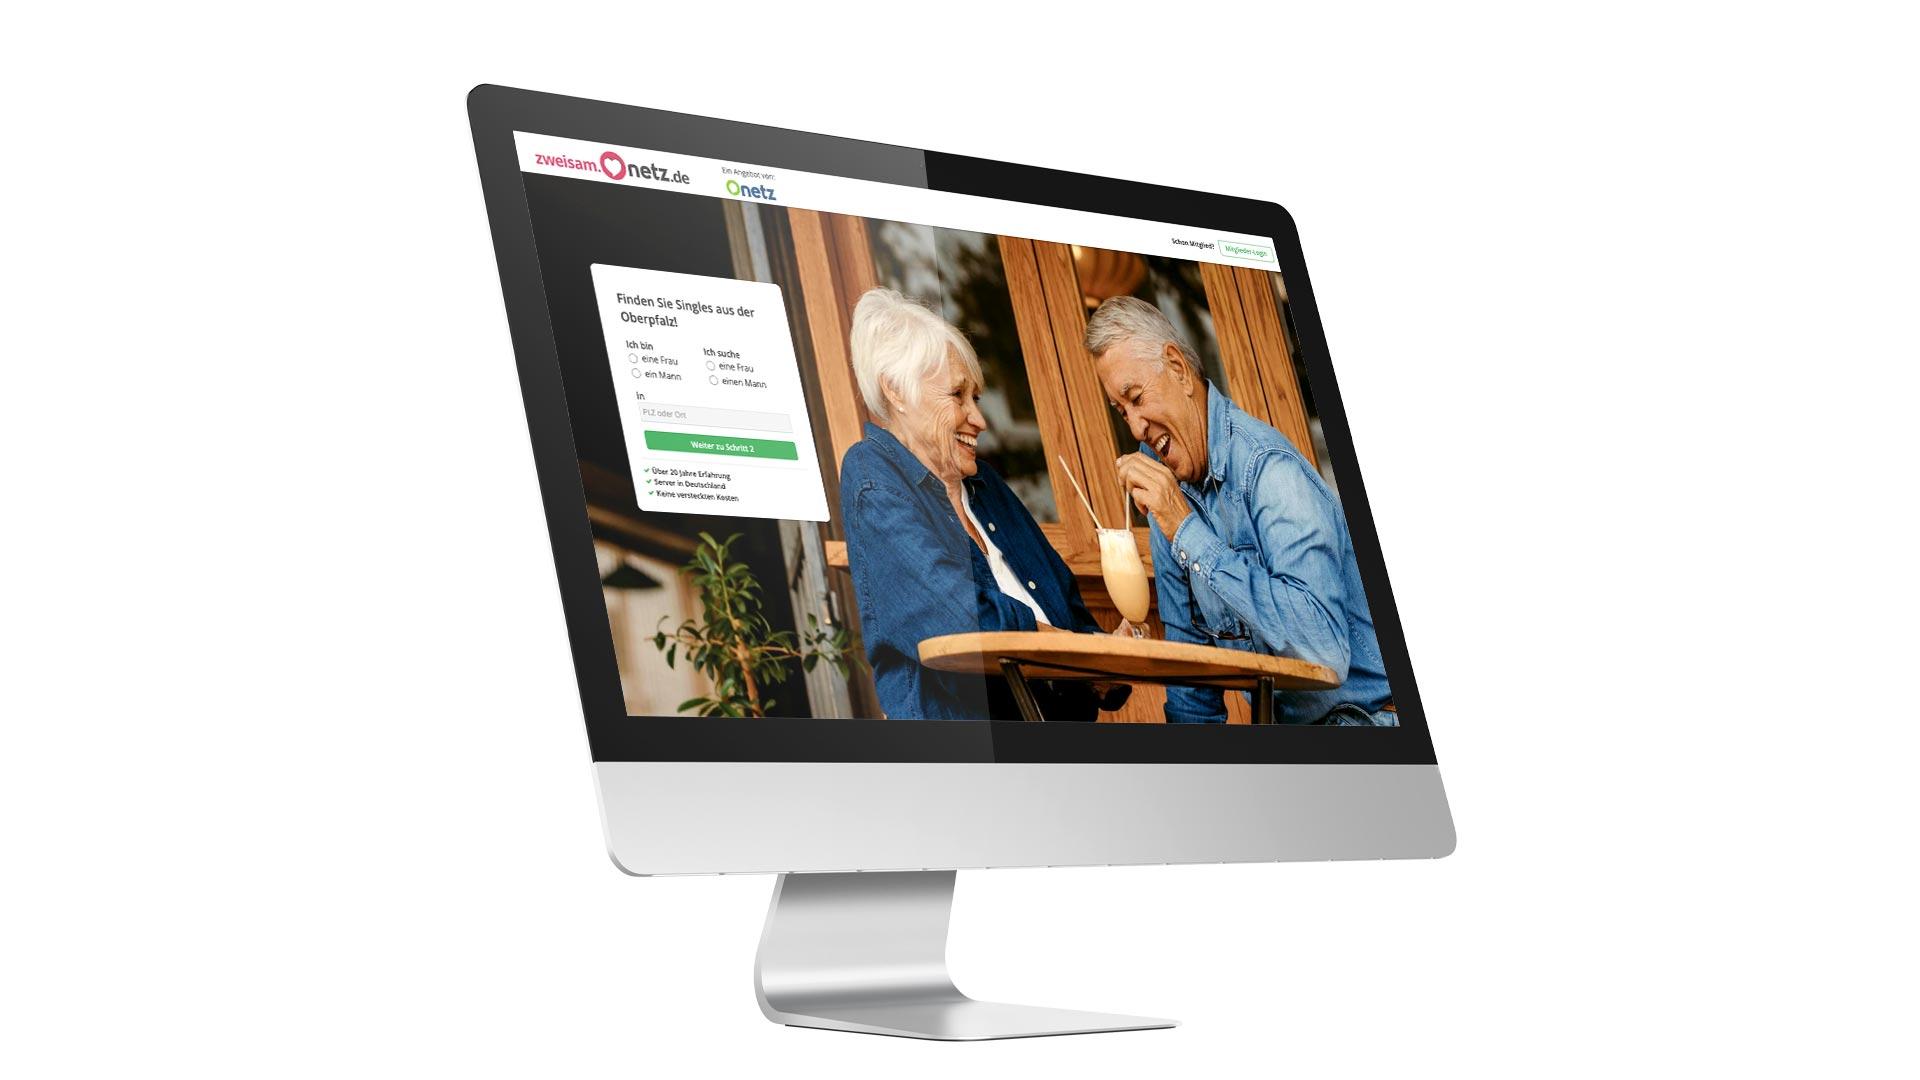 """Ansicht eines Monitors, auf dem das Onlineportal """"zweisam.onetz.de"""" zu sehen ist."""